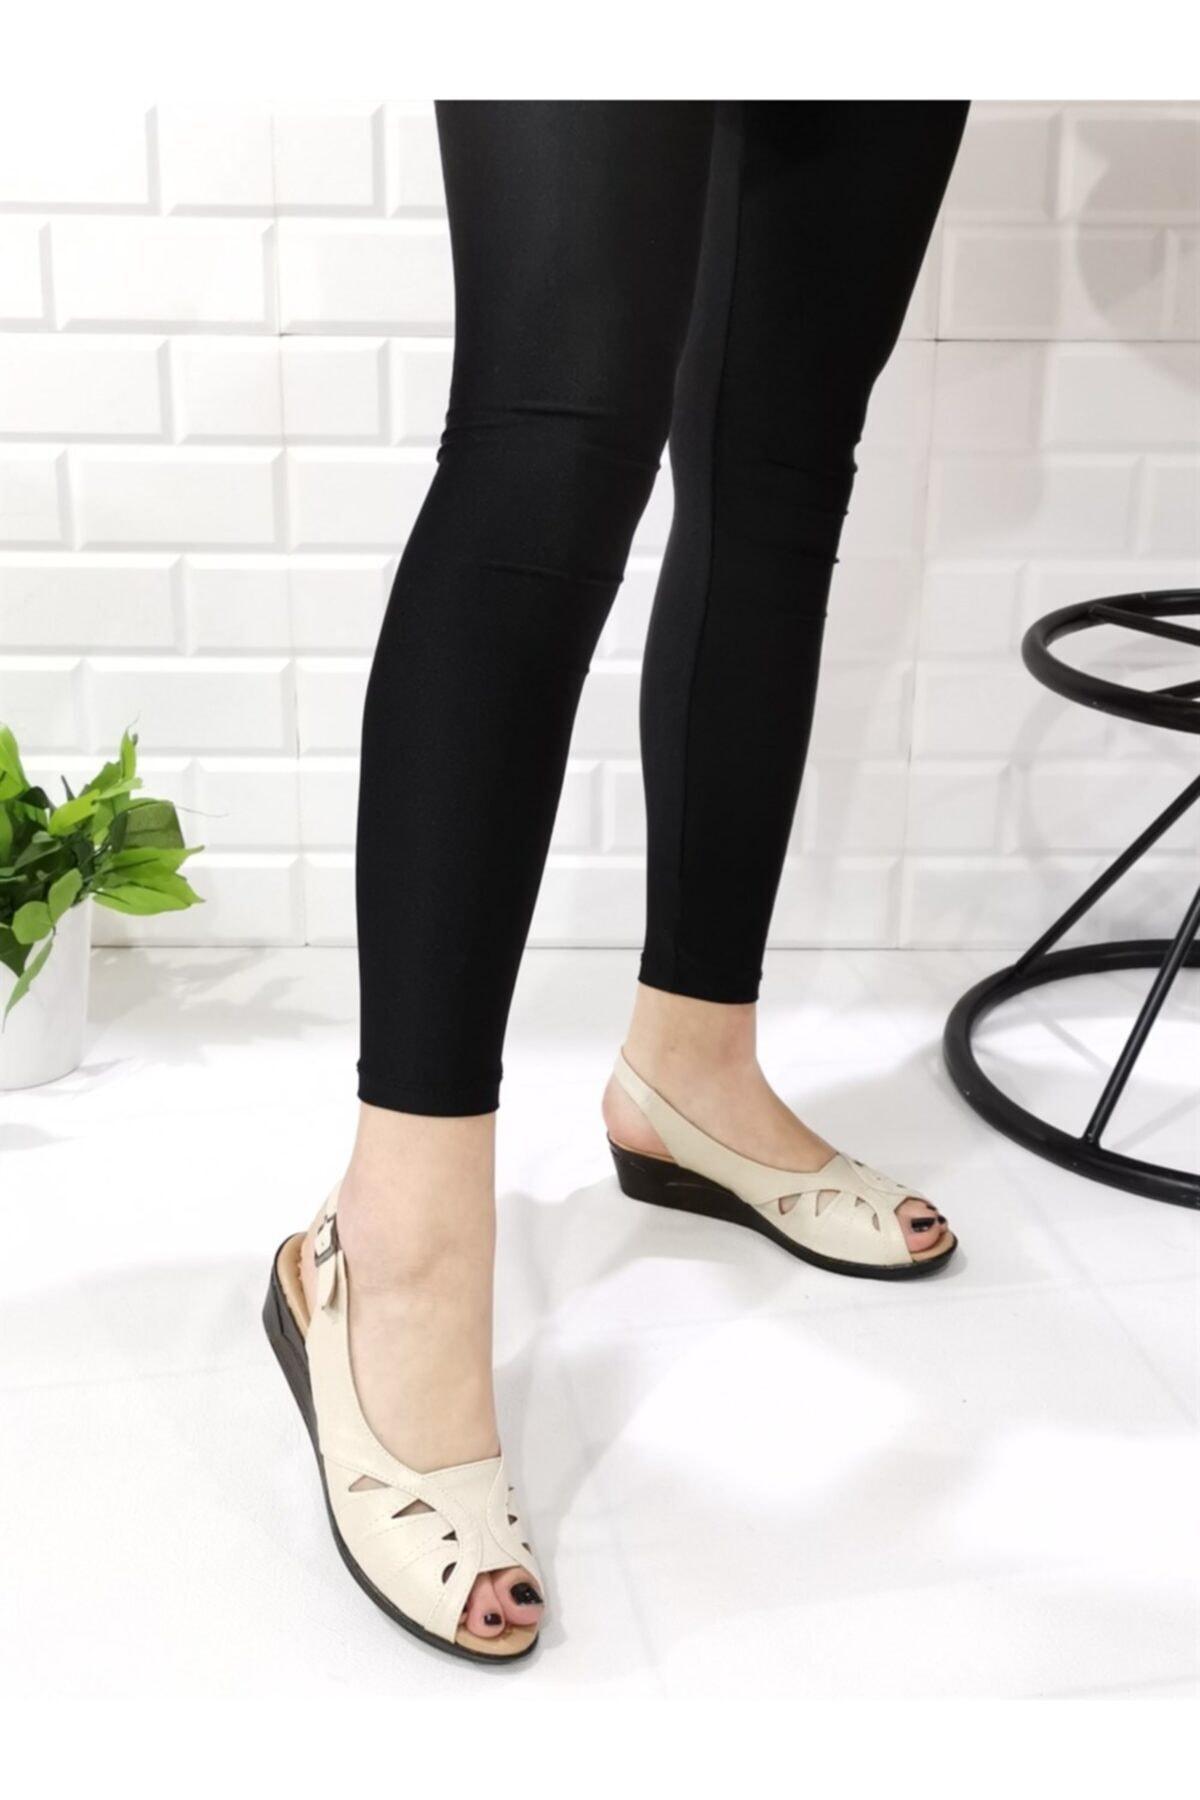 Aymood Kadın Tokalı Sandalet 04